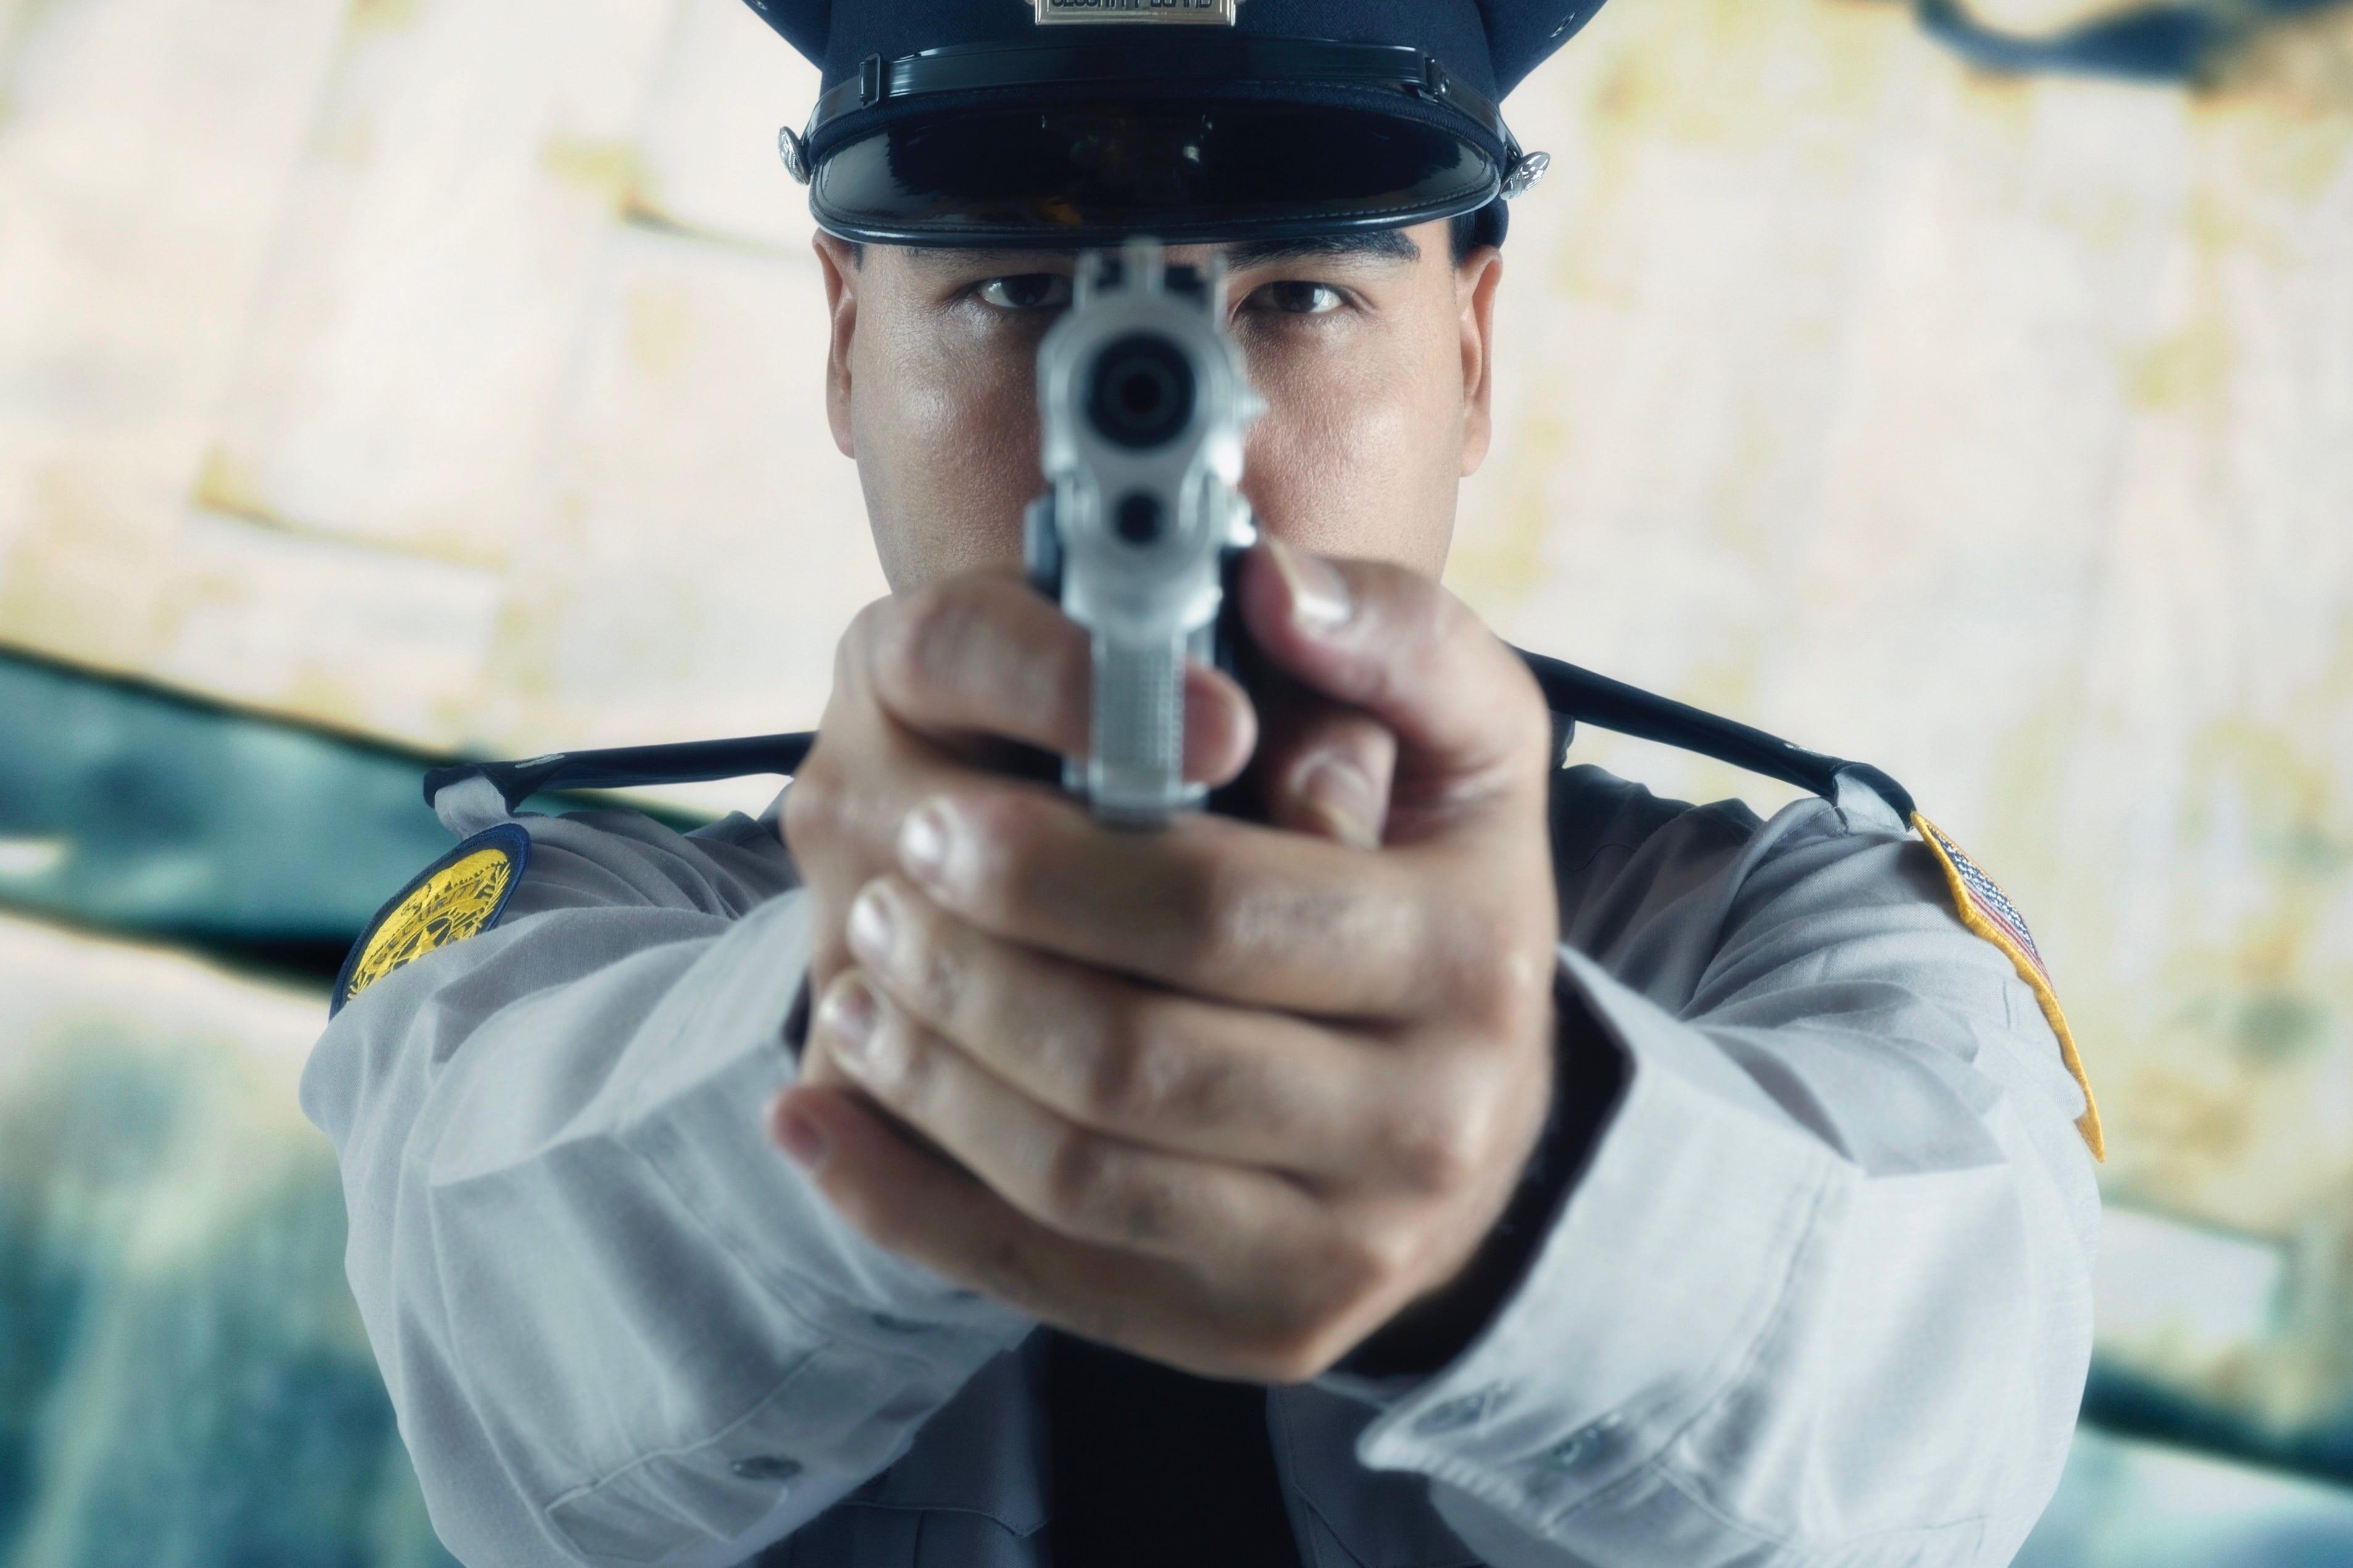 暴走車に警官が7発発砲し、運転の男に命中 「発砲は当然」「警察見直し ...